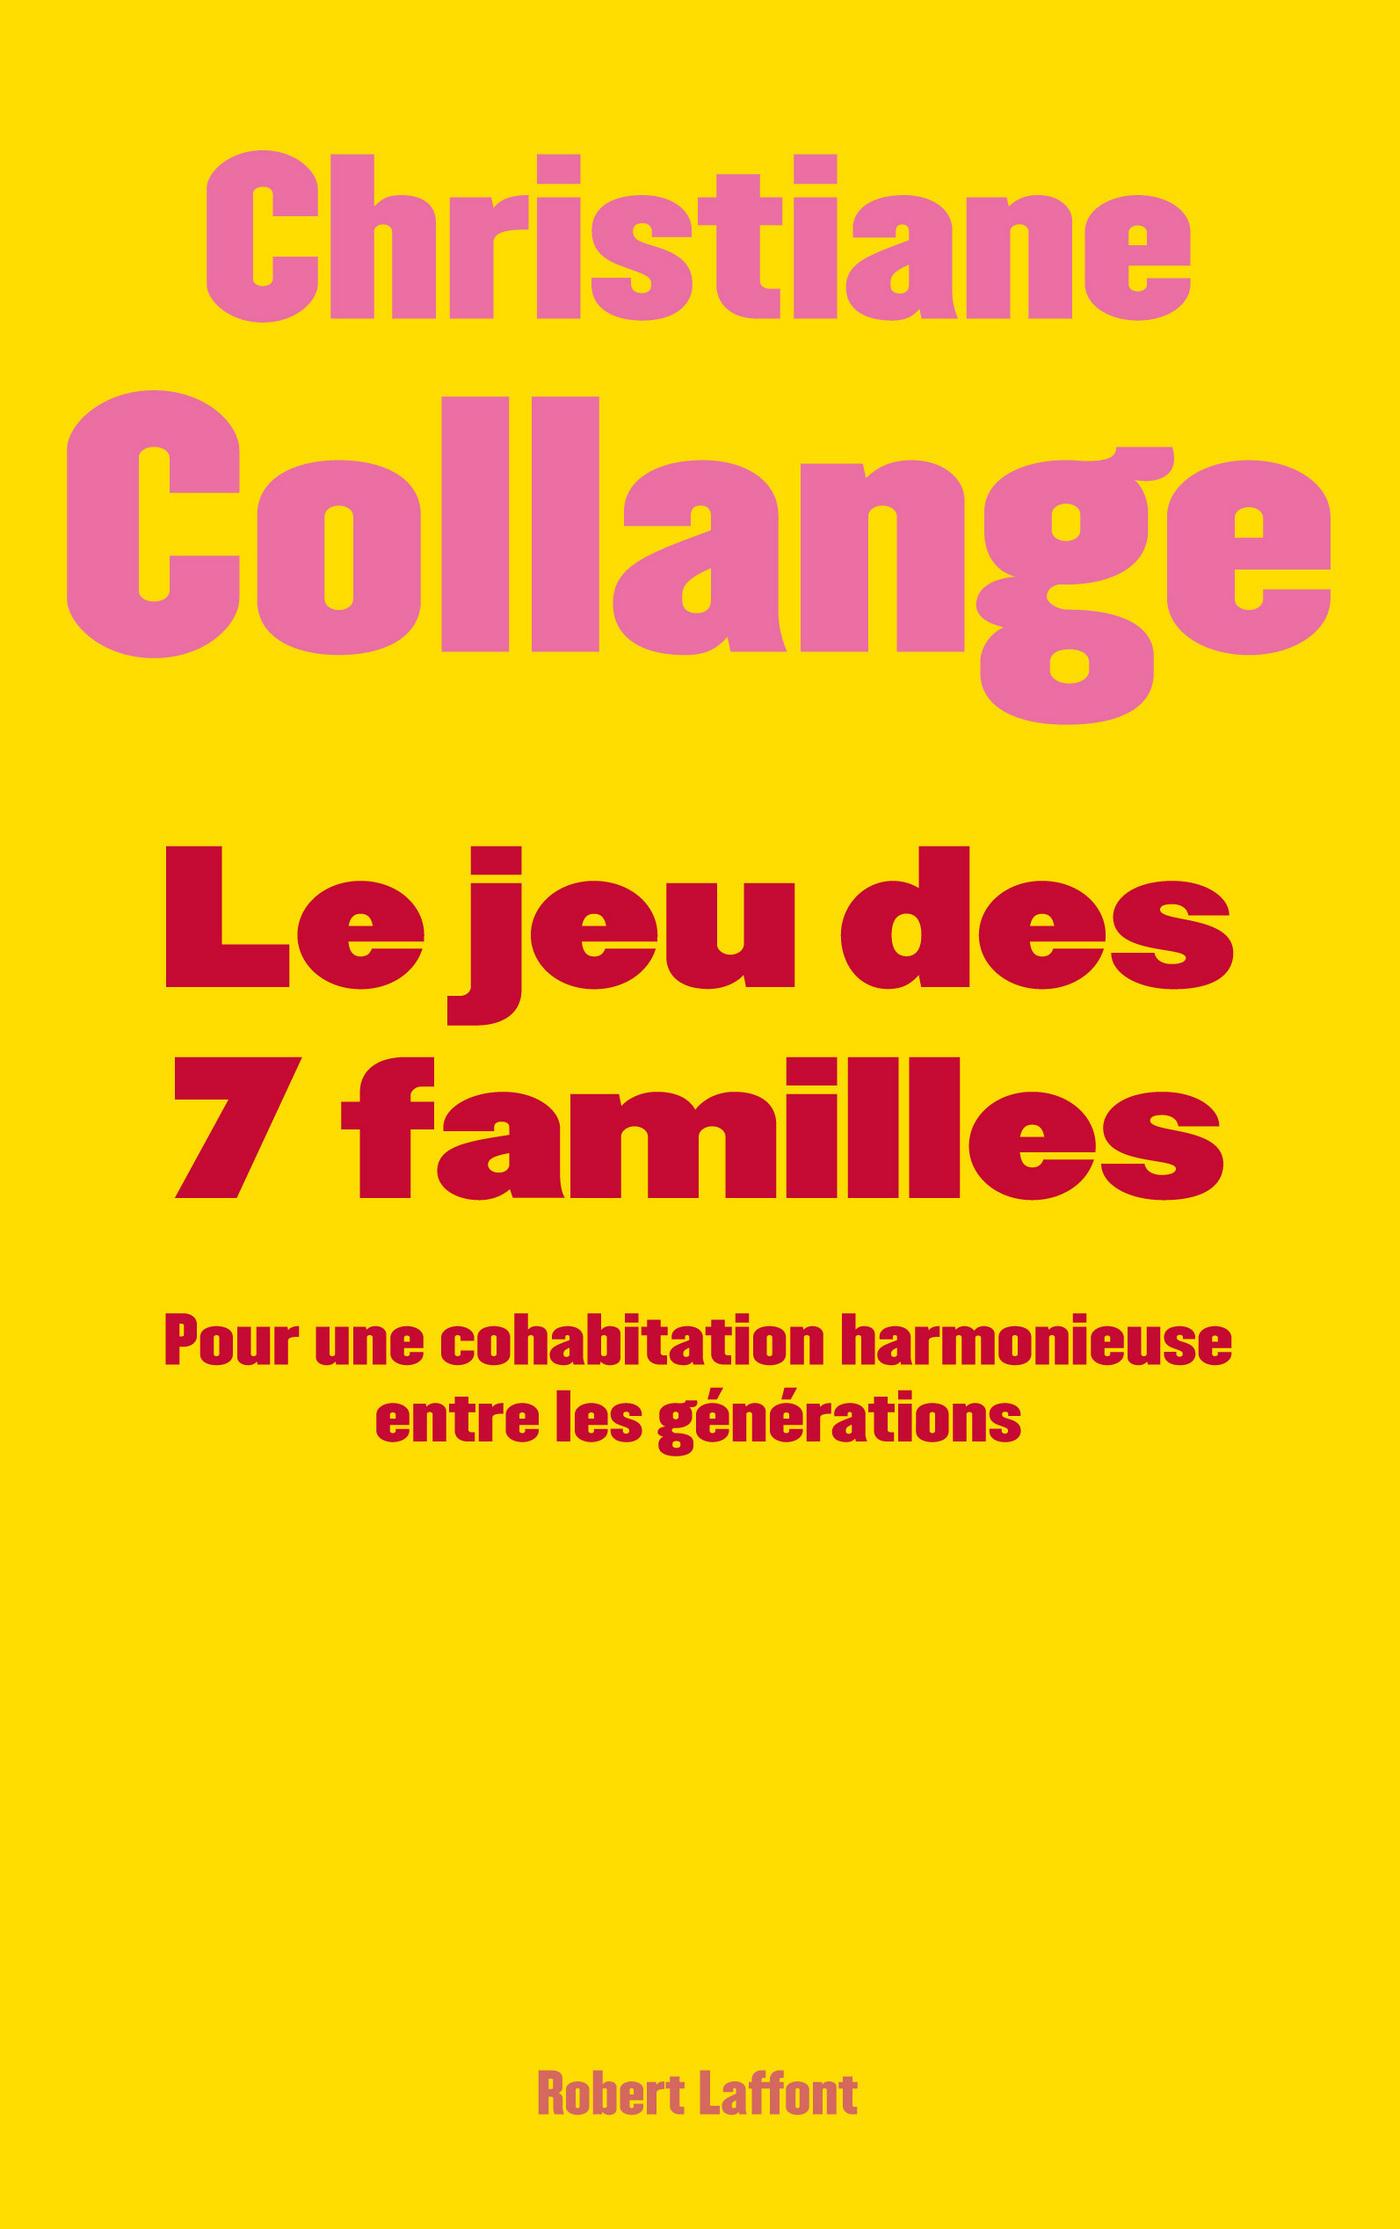 Le jeu des 7 familles